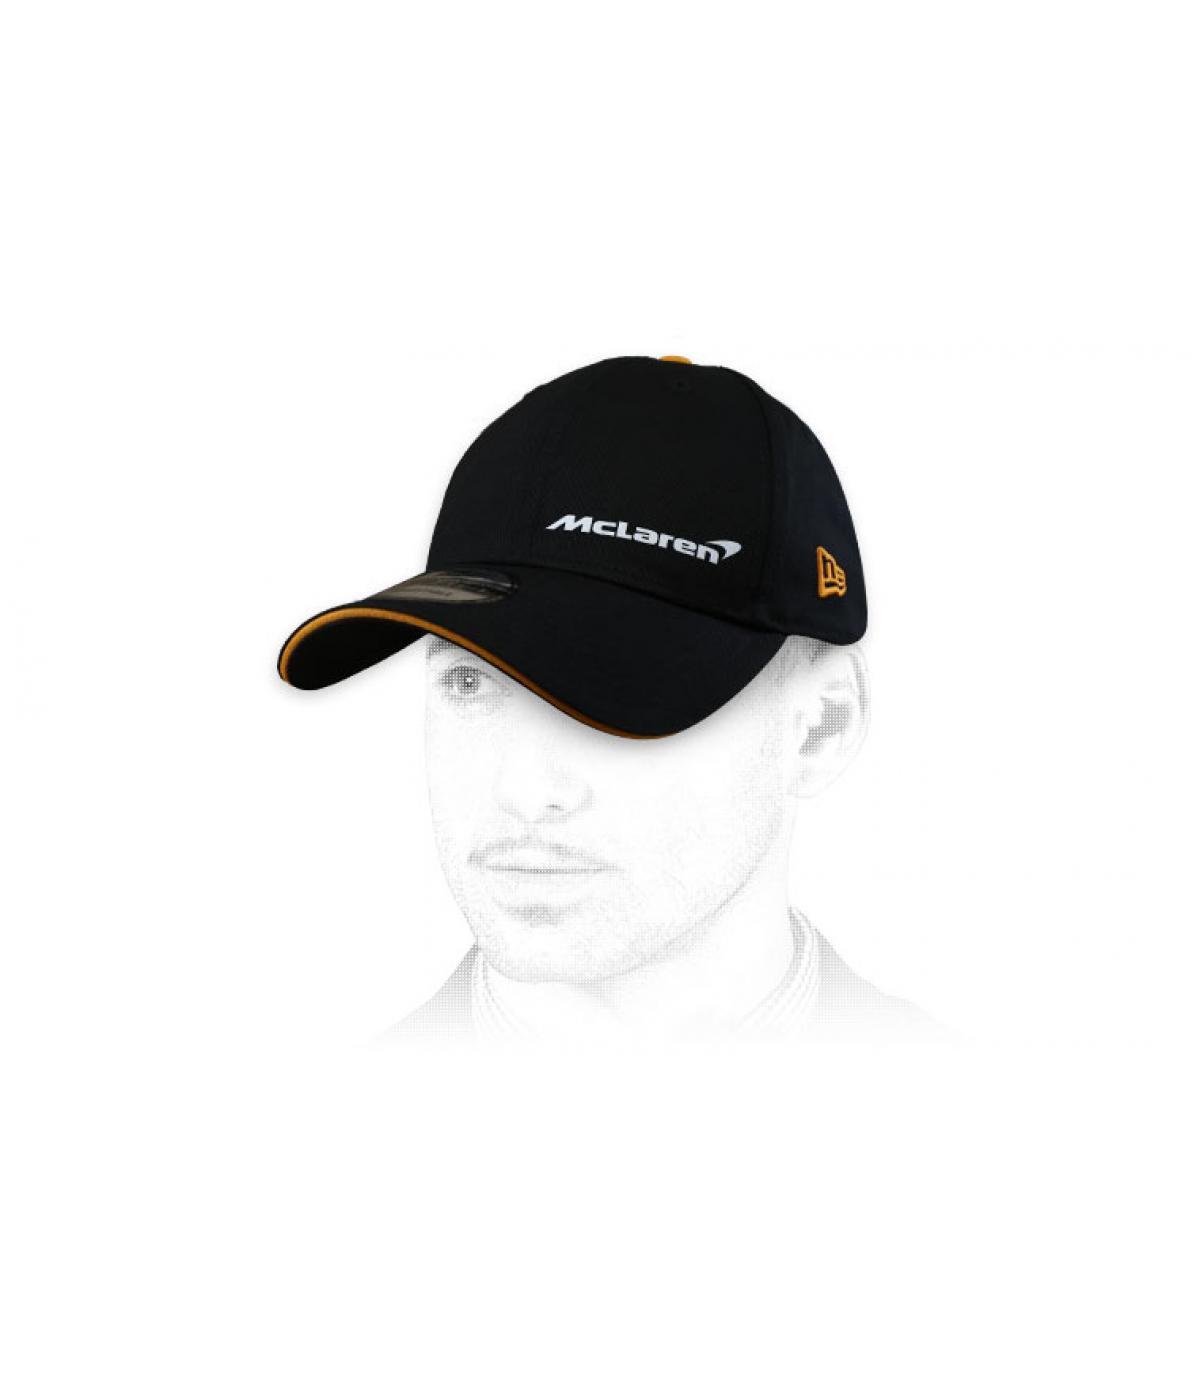 zwarte McLaren cap